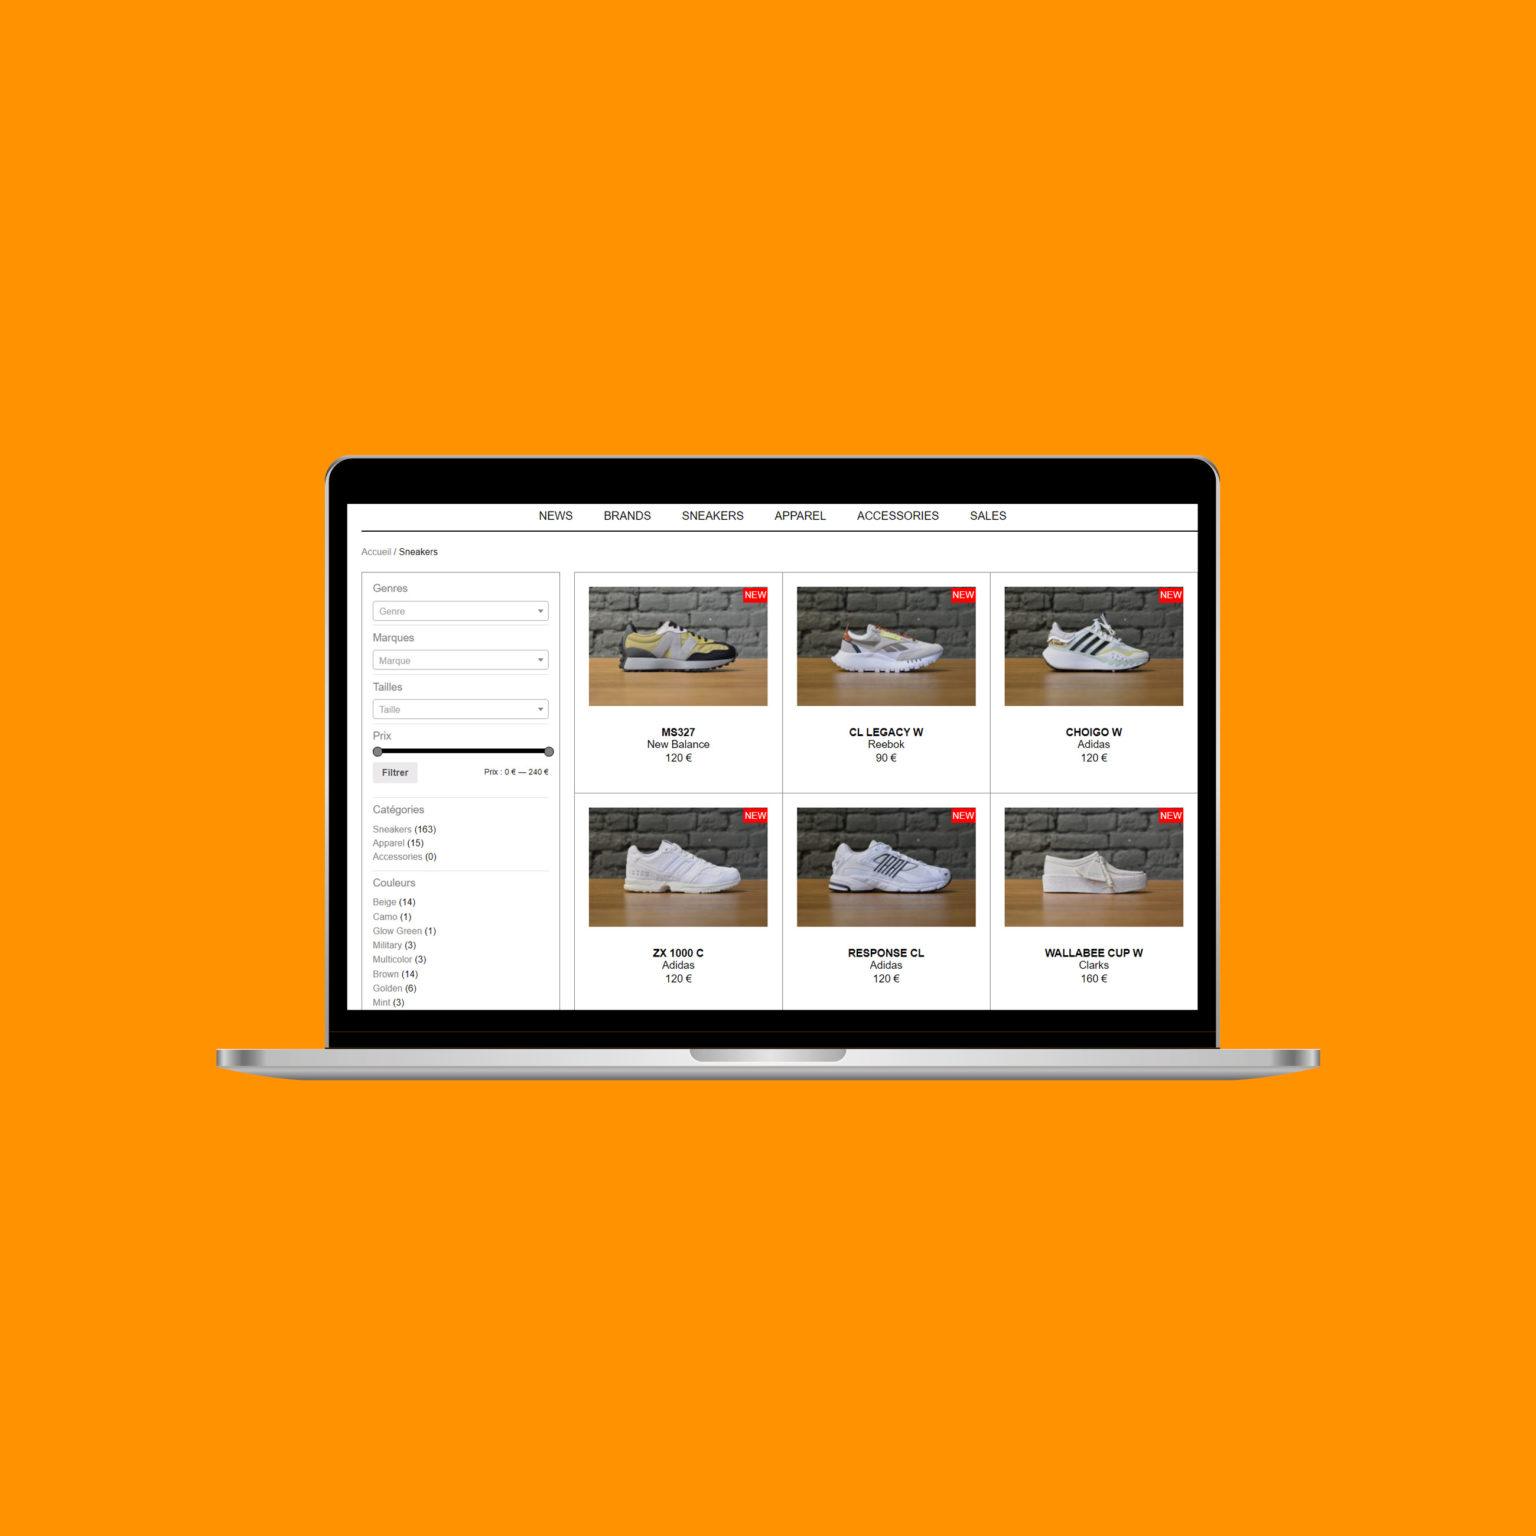 Miko Digital Agence web à Liège - Lace Up